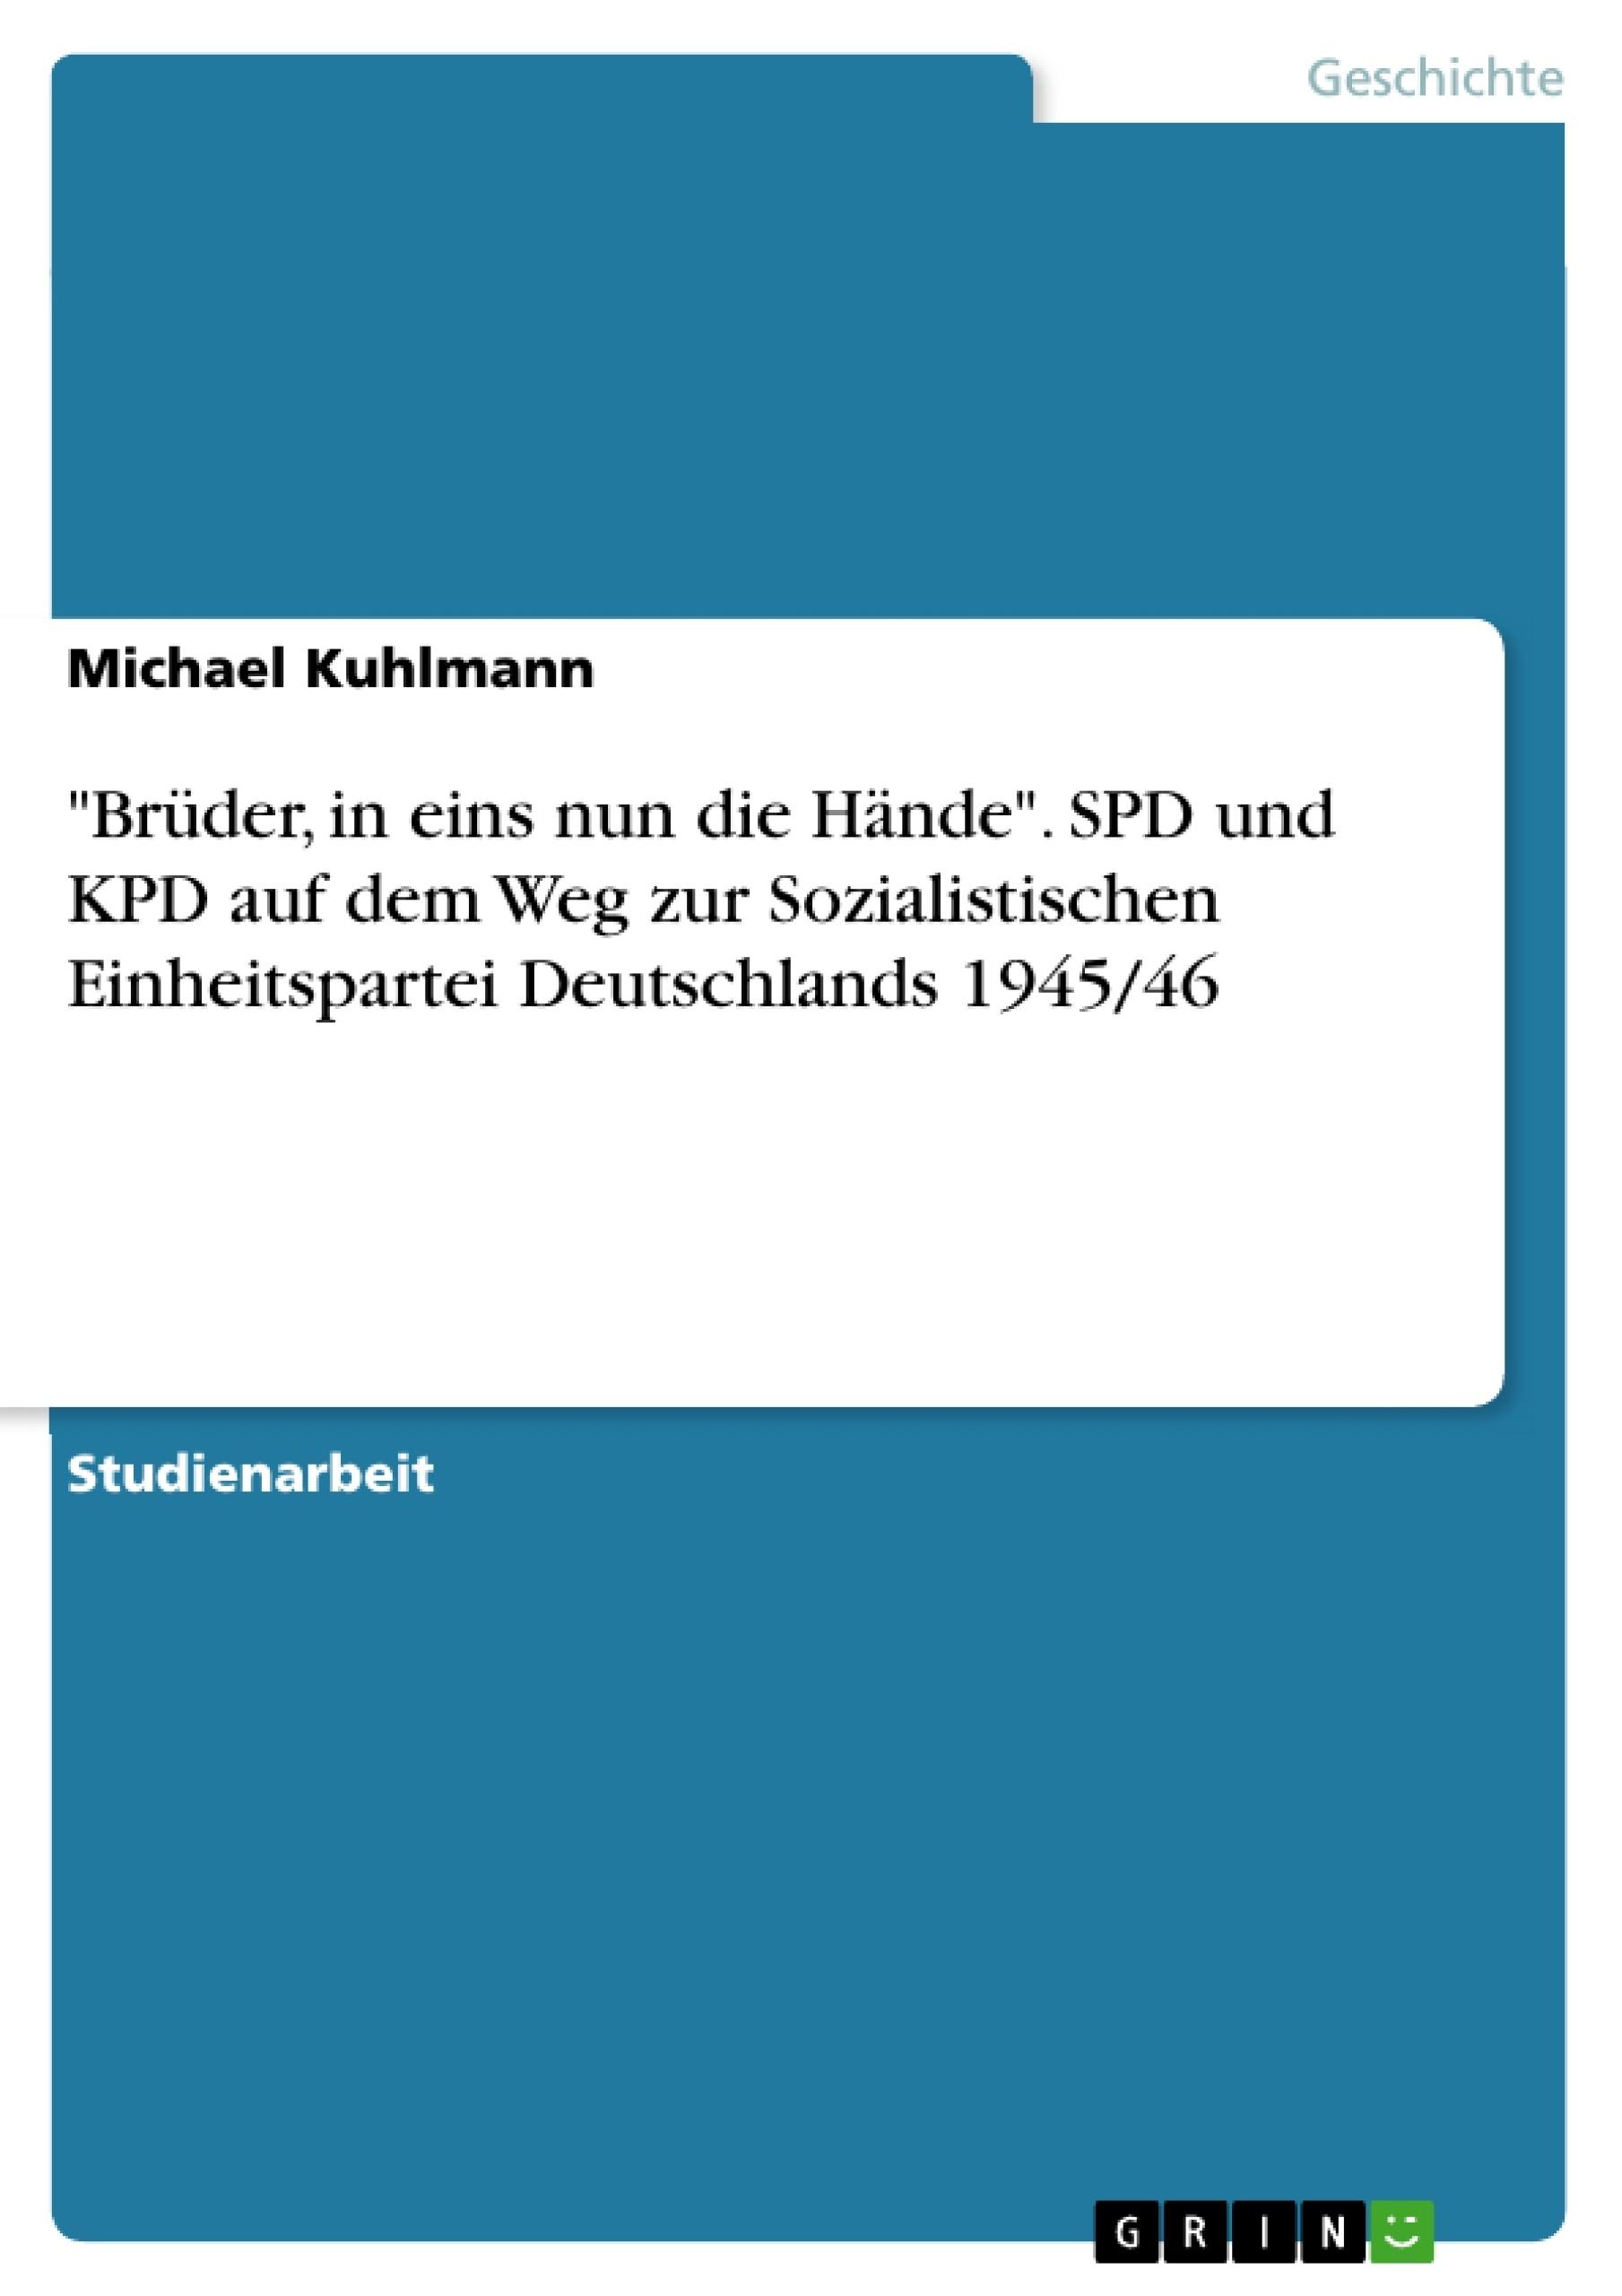 """Titel: """"Brüder, in eins nun die Hände"""". SPD und KPD auf dem Weg zur Sozialistischen Einheitspartei Deutschlands 1945/46"""